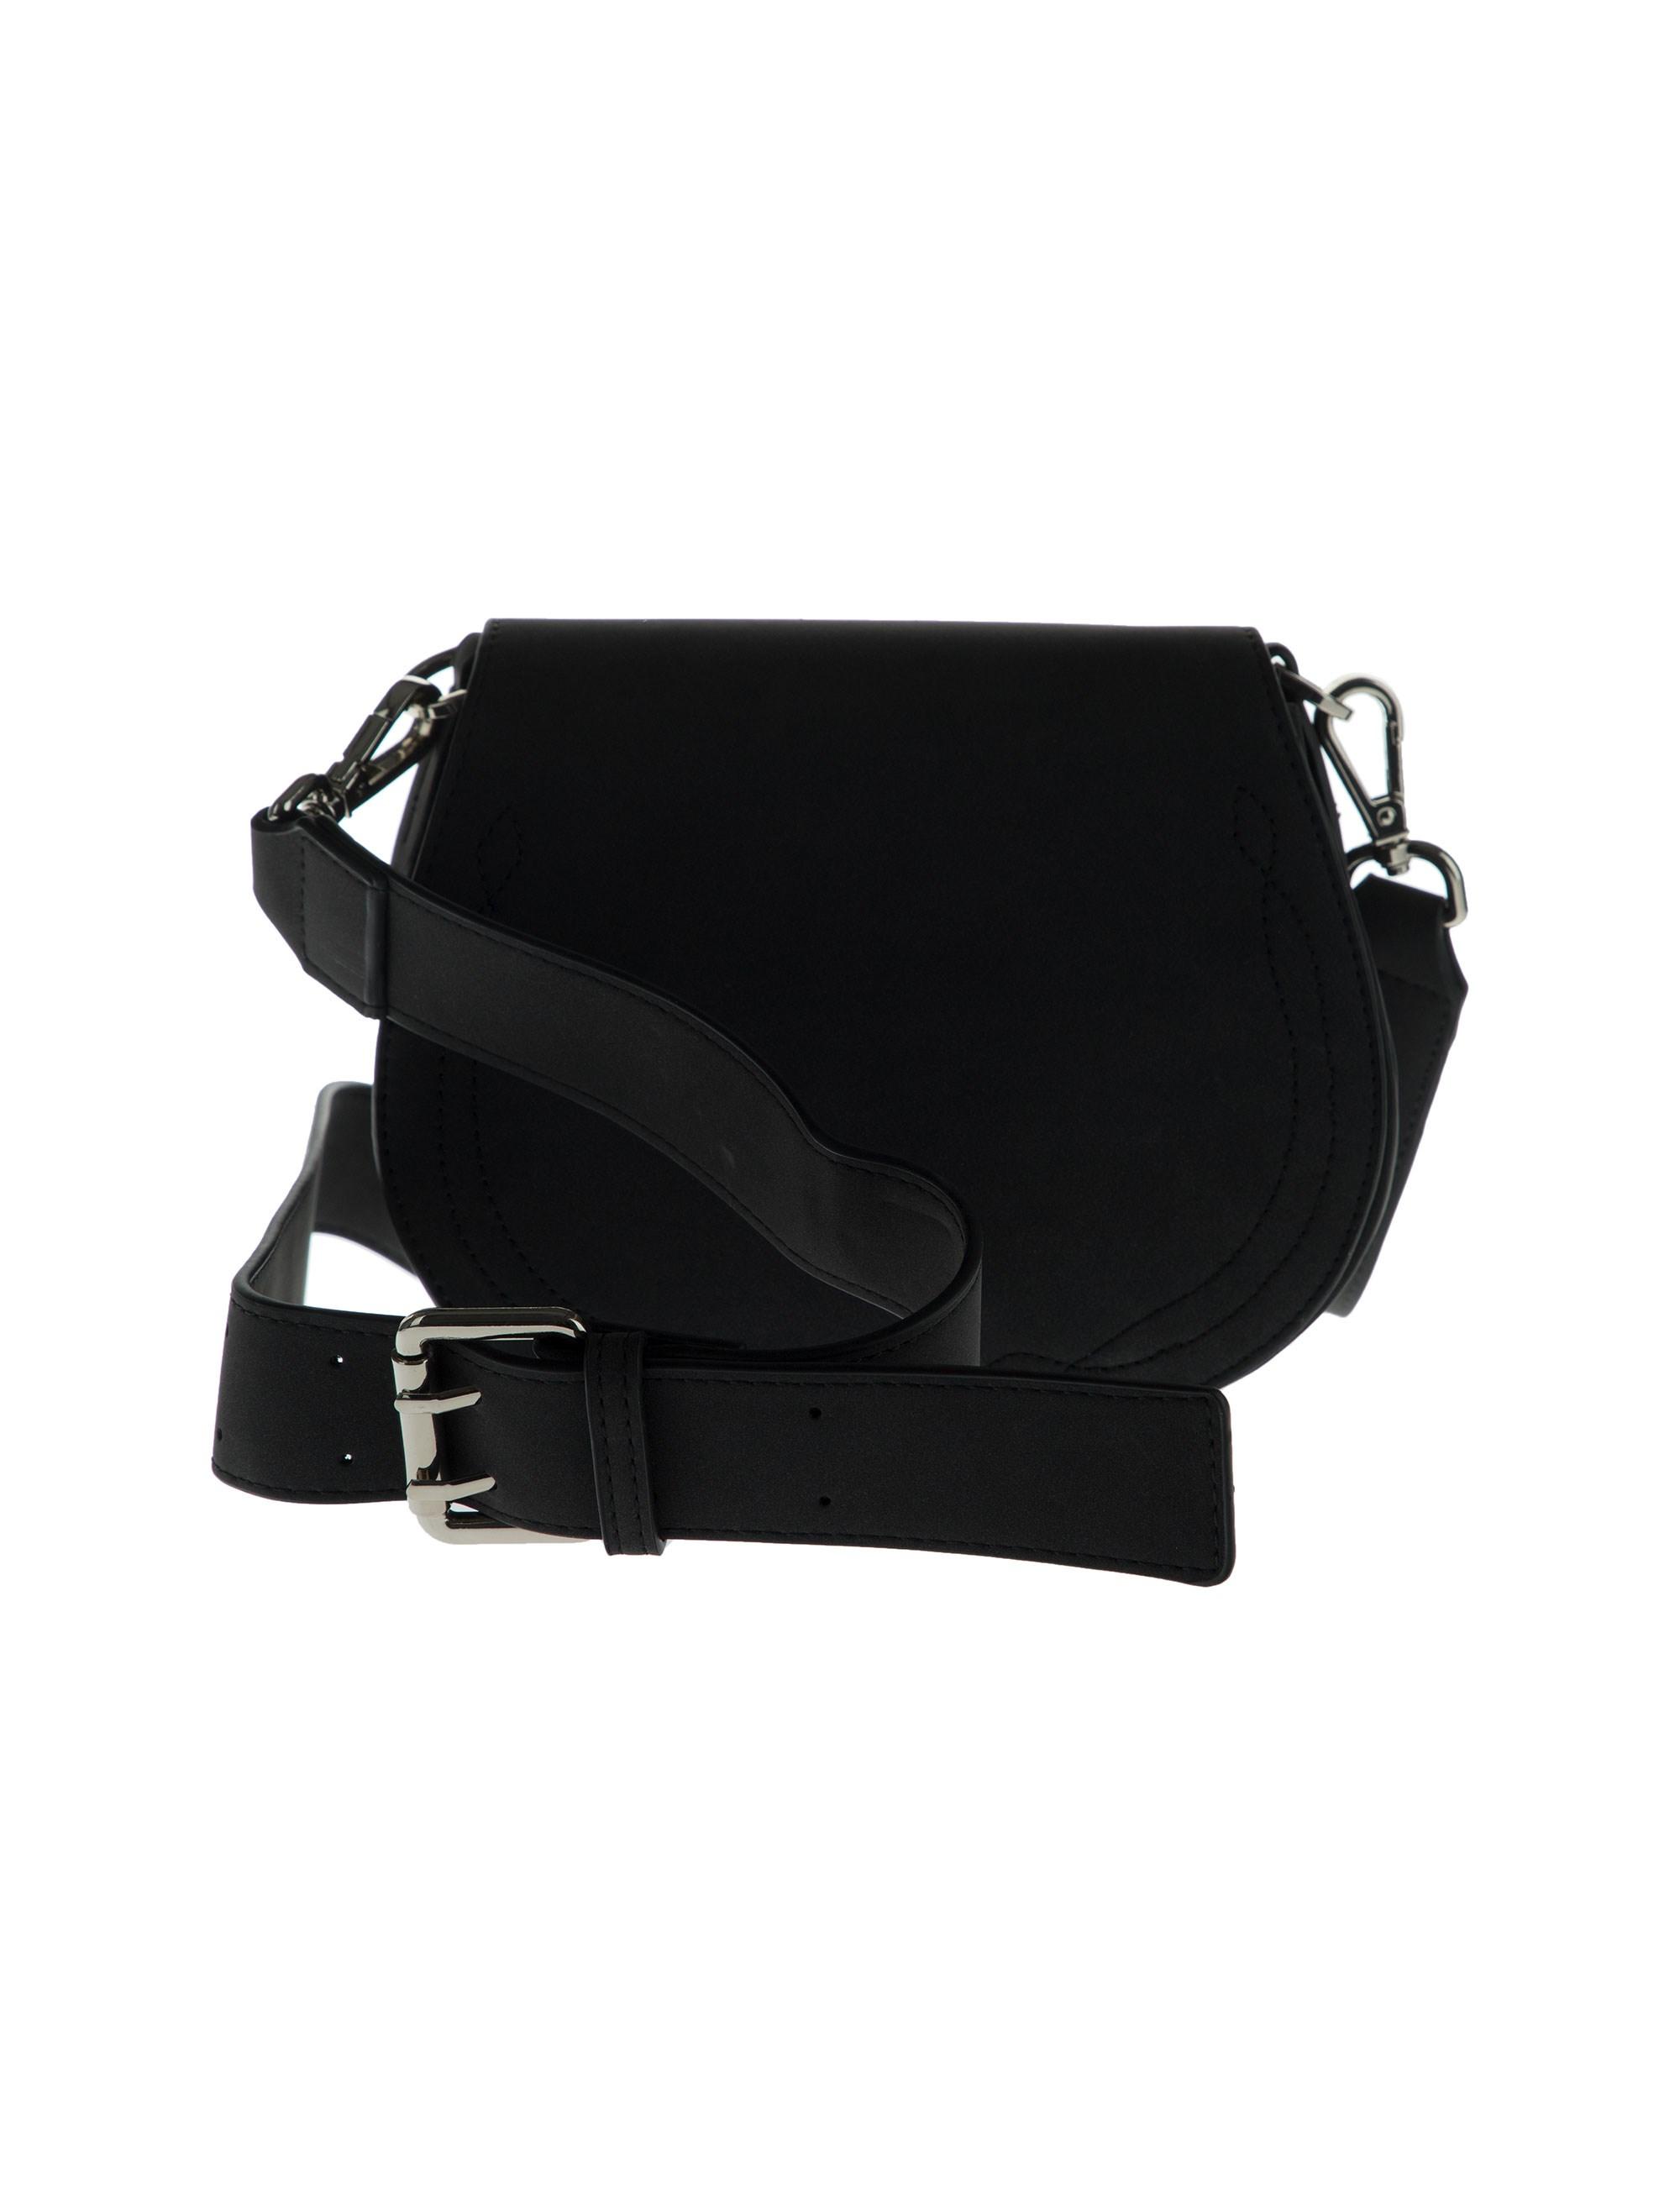 کیف دوشی روزمره زنانه - آبجکت تک سایز